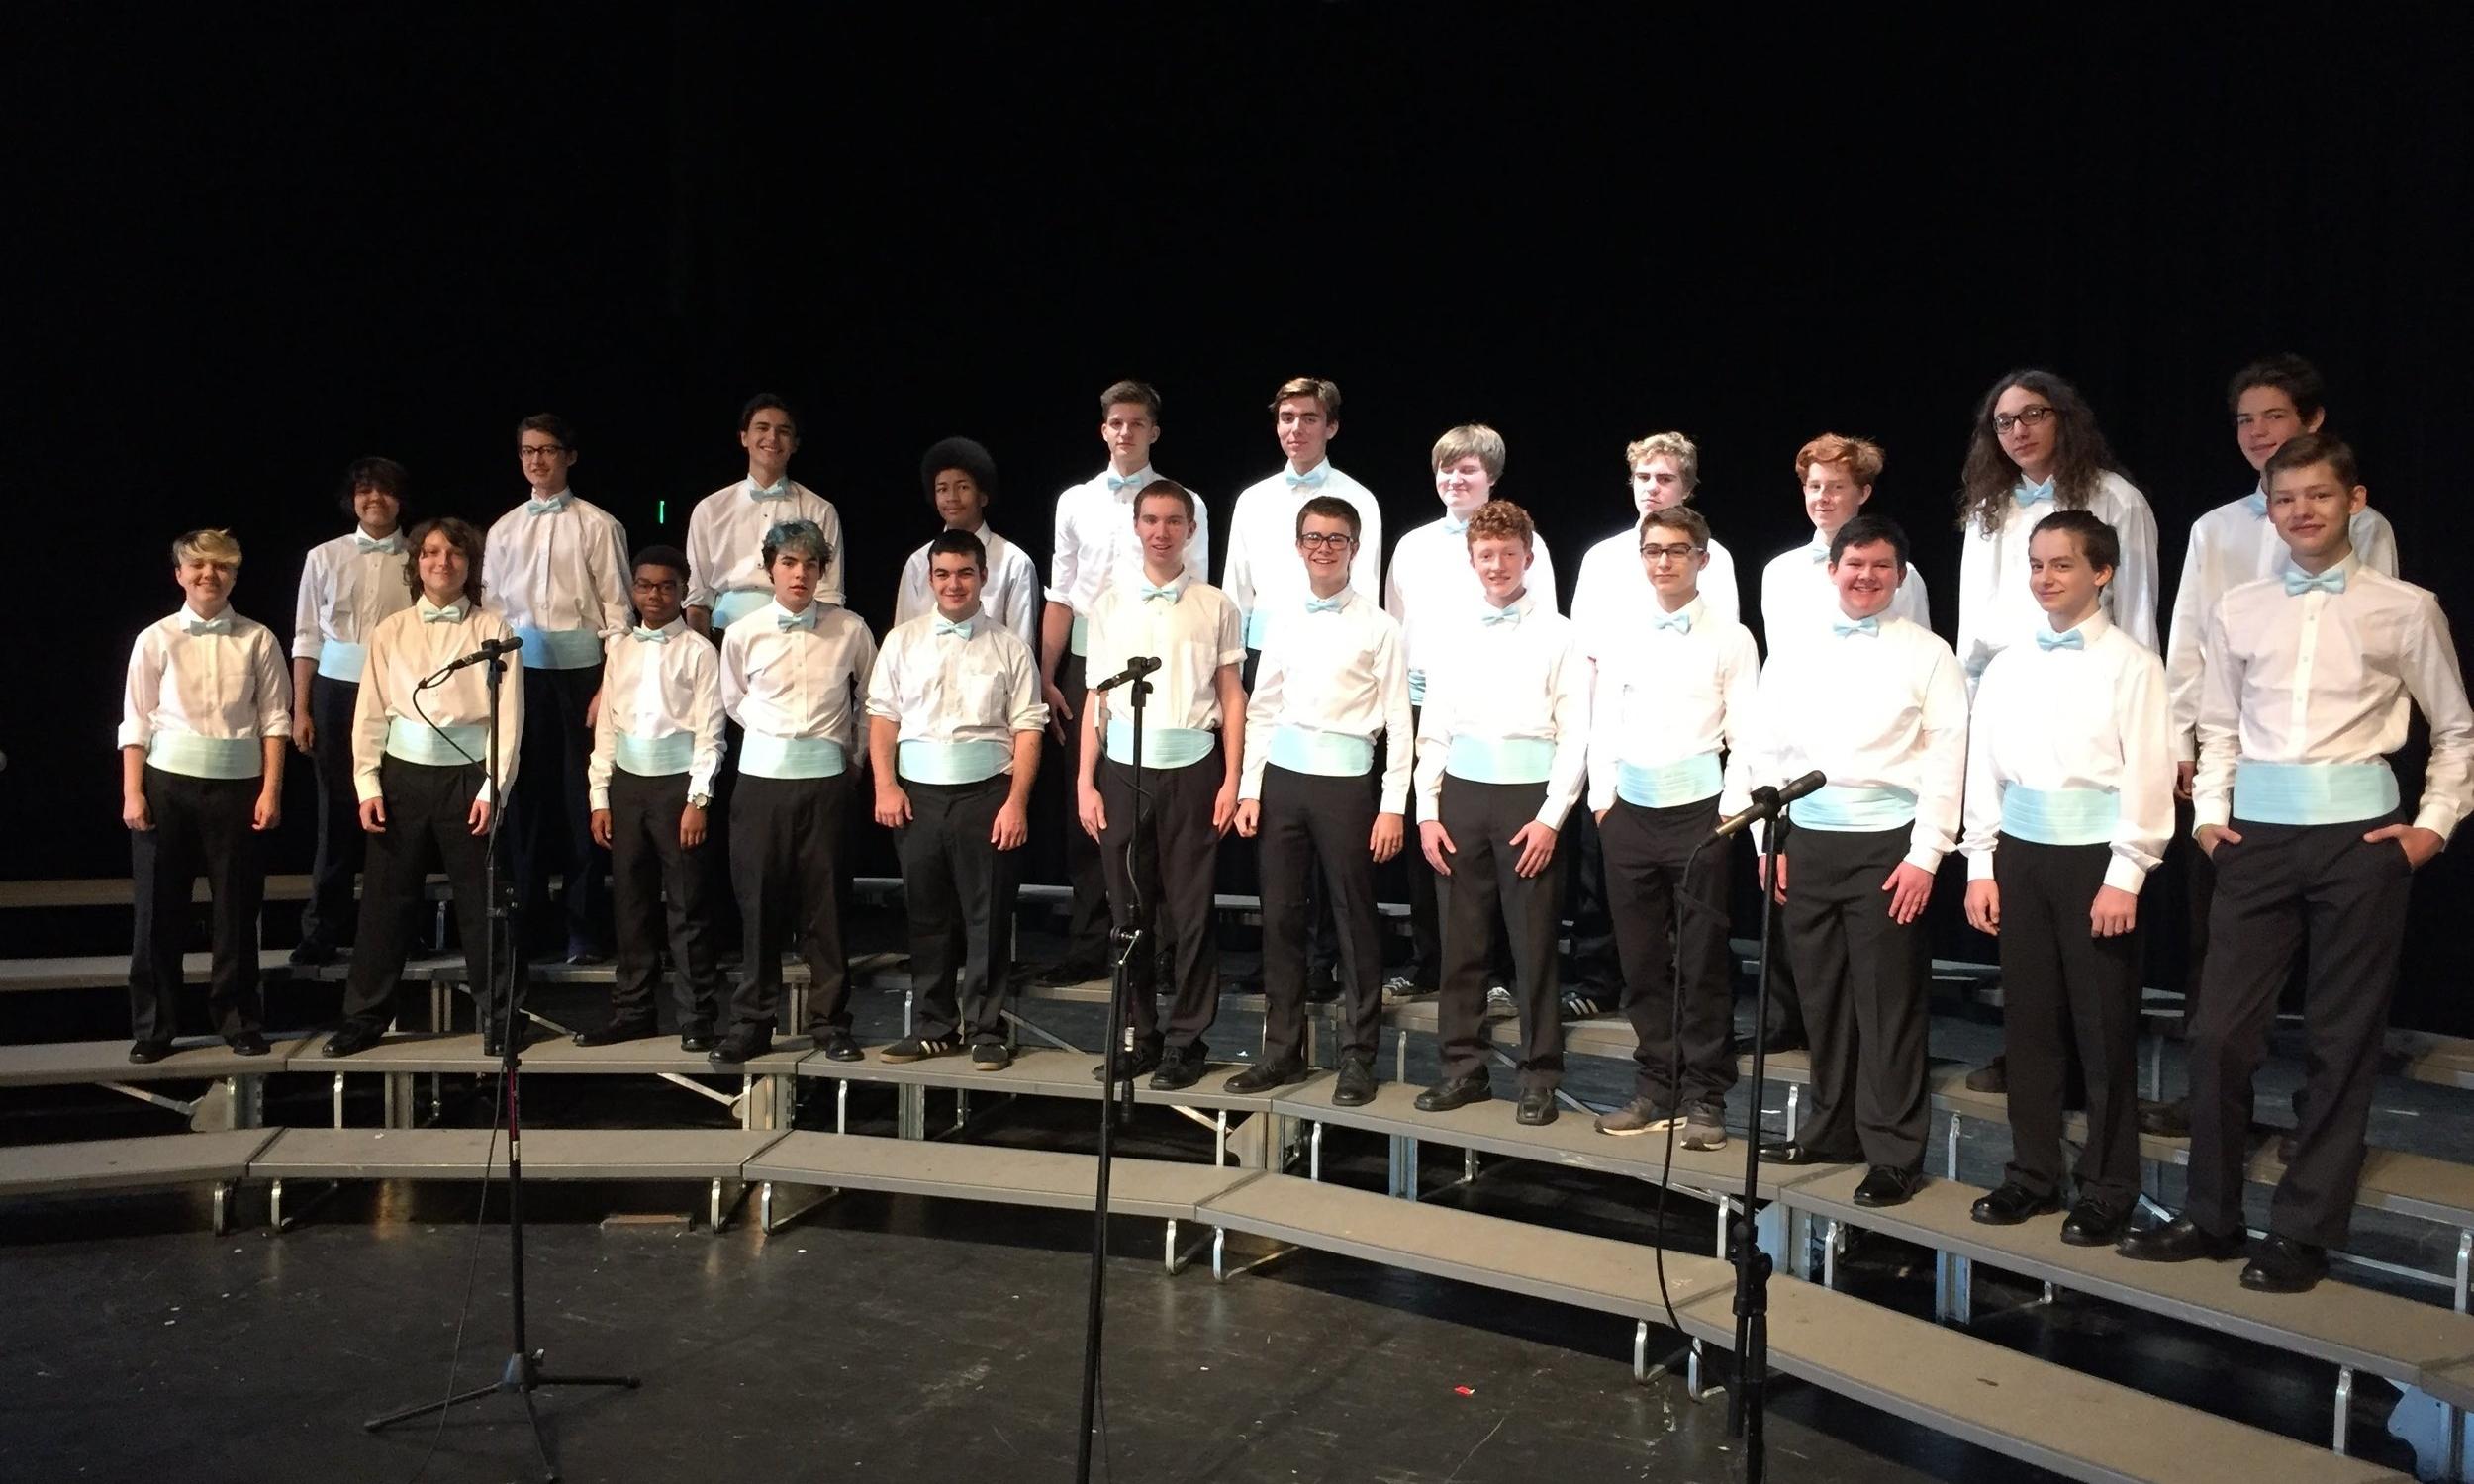 Men's Ensemble dress rehearsal for the Fall Concert, 2015.